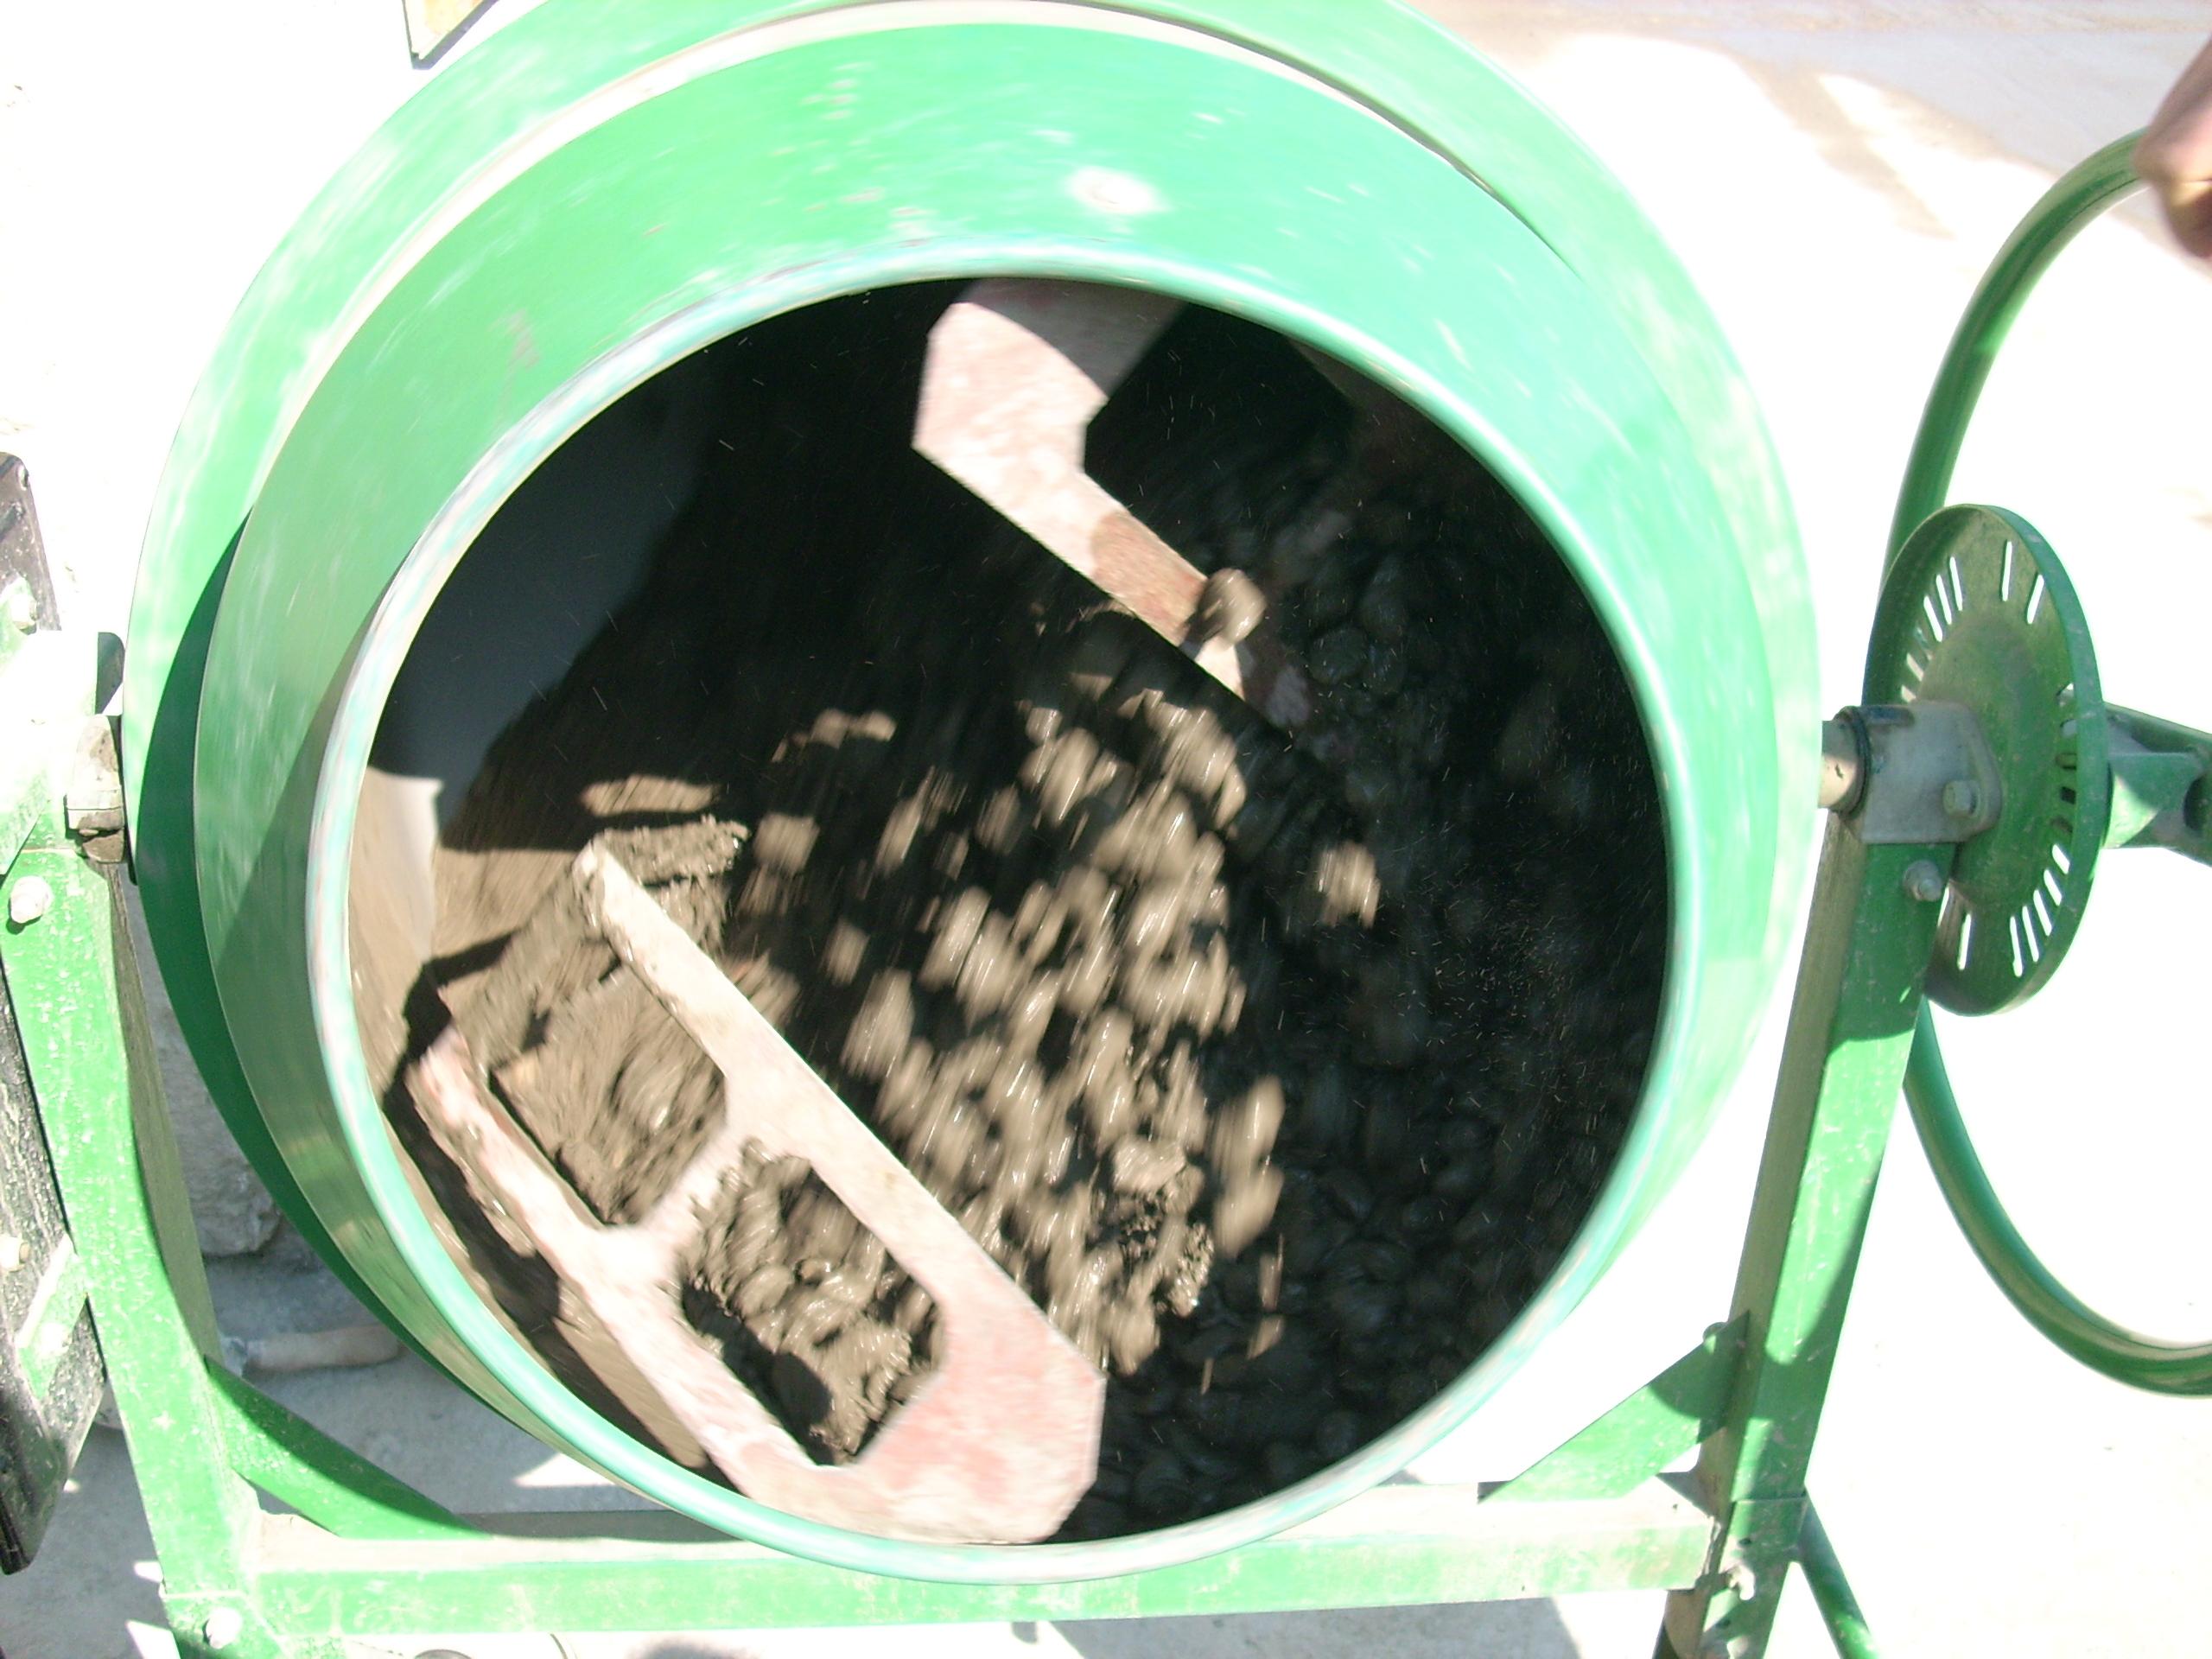 Prepararea betonului hidroizolat in toata masa UNICO PROFIT - Poza 12